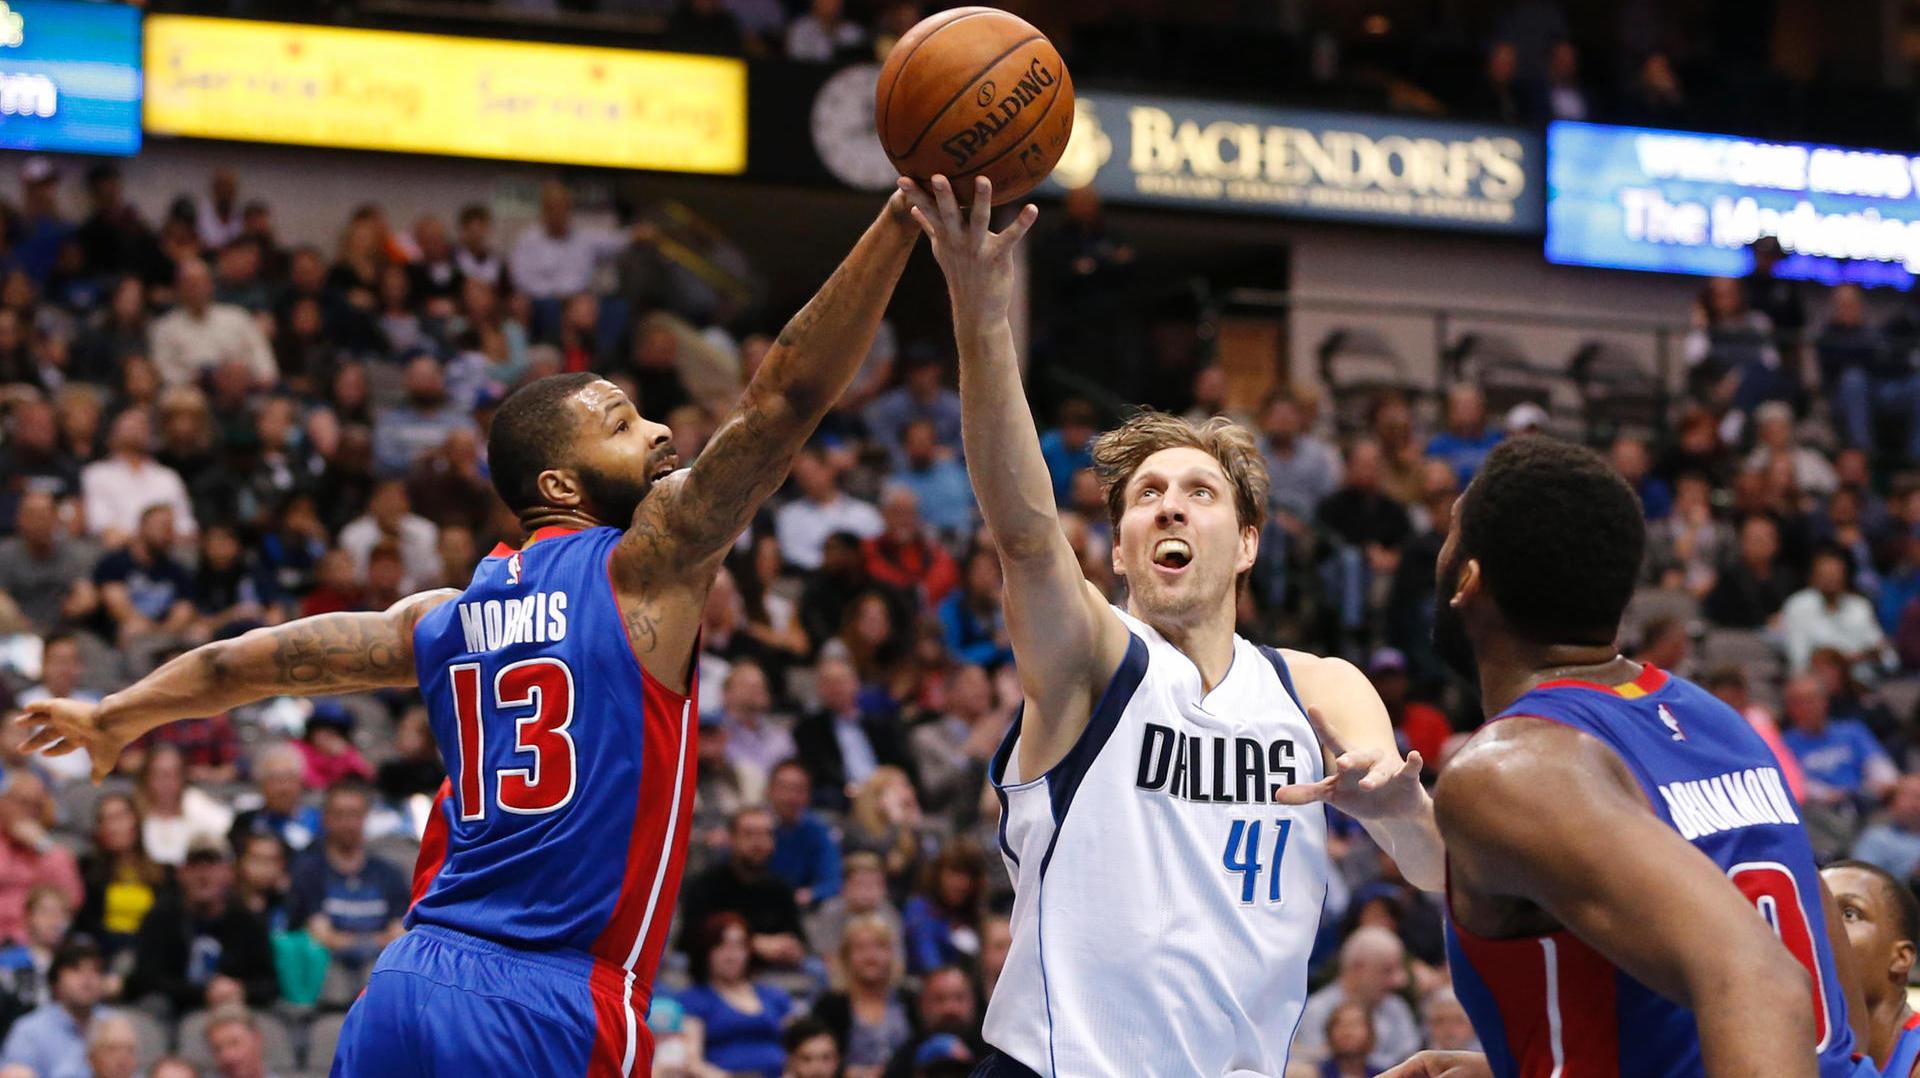 прогноз на матч НБА Детройт Пистонс - Даллас Маверикс